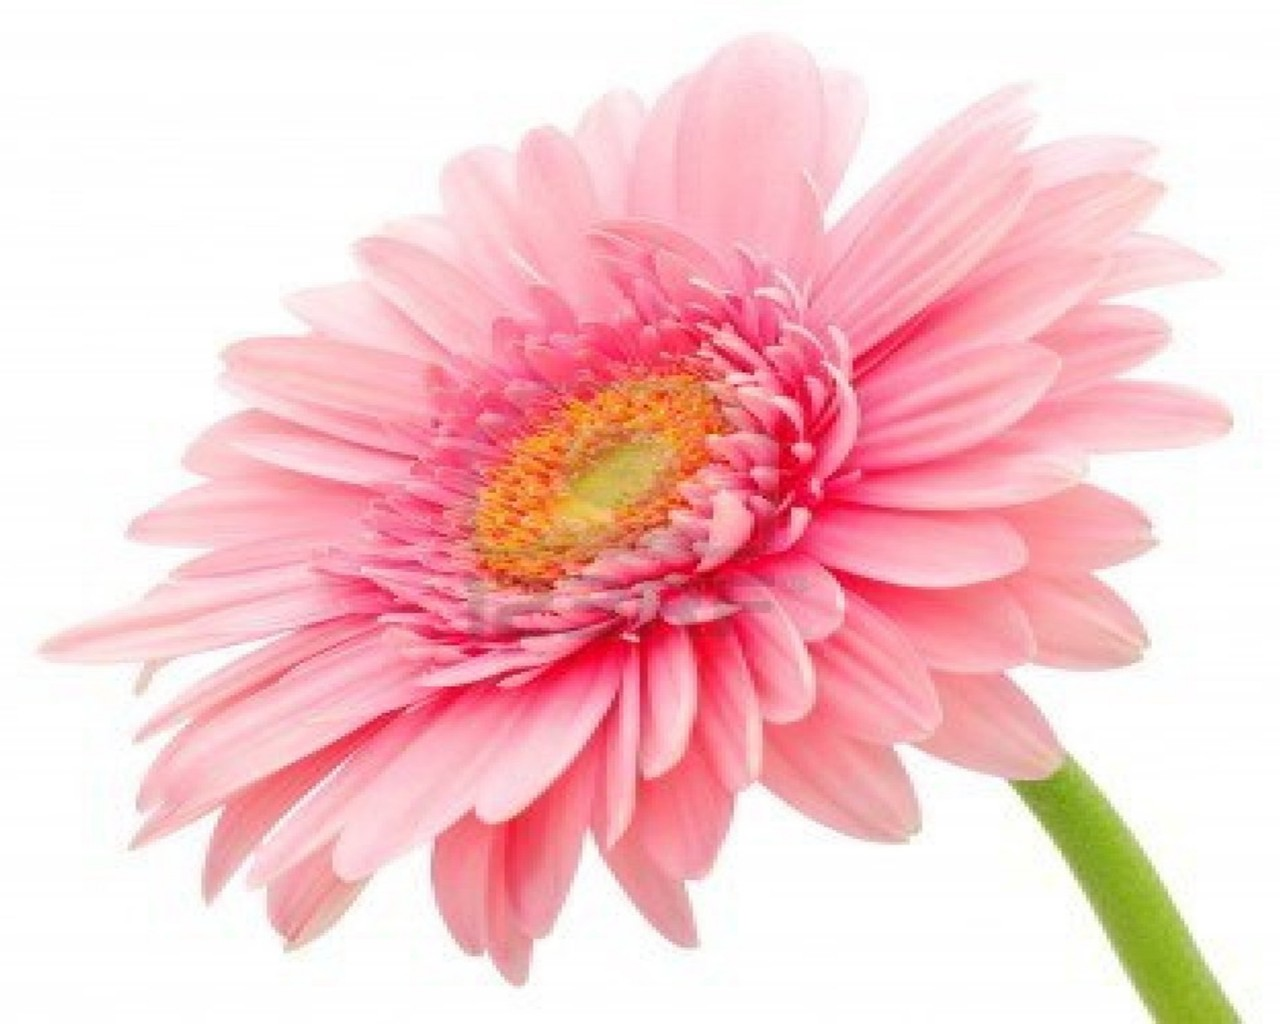 Gerbera Daisy Flower Wallpaper 2 Wallpapers13com 1280x1024